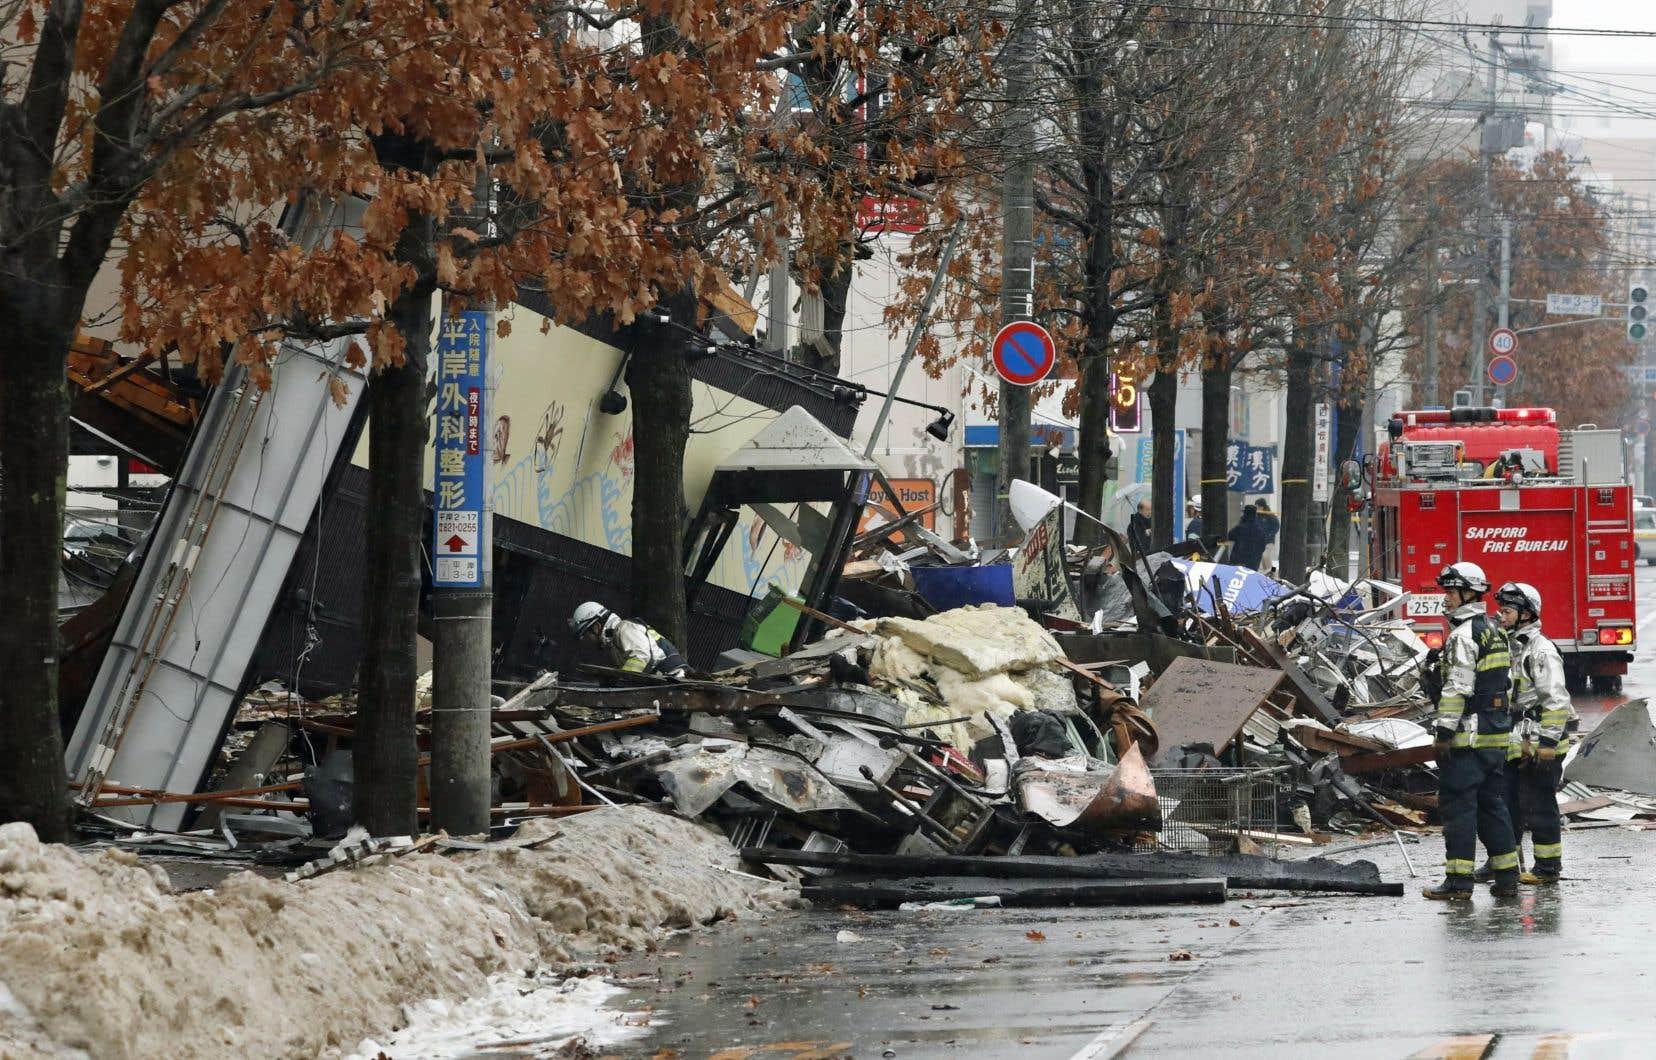 L'explosion a eu lieu à Sapporo, la capitale de l'île de Hokkaïdo. Elle a fait trembler les immeubles voisins, fracassé des fenêtres et éparpillé des débris.